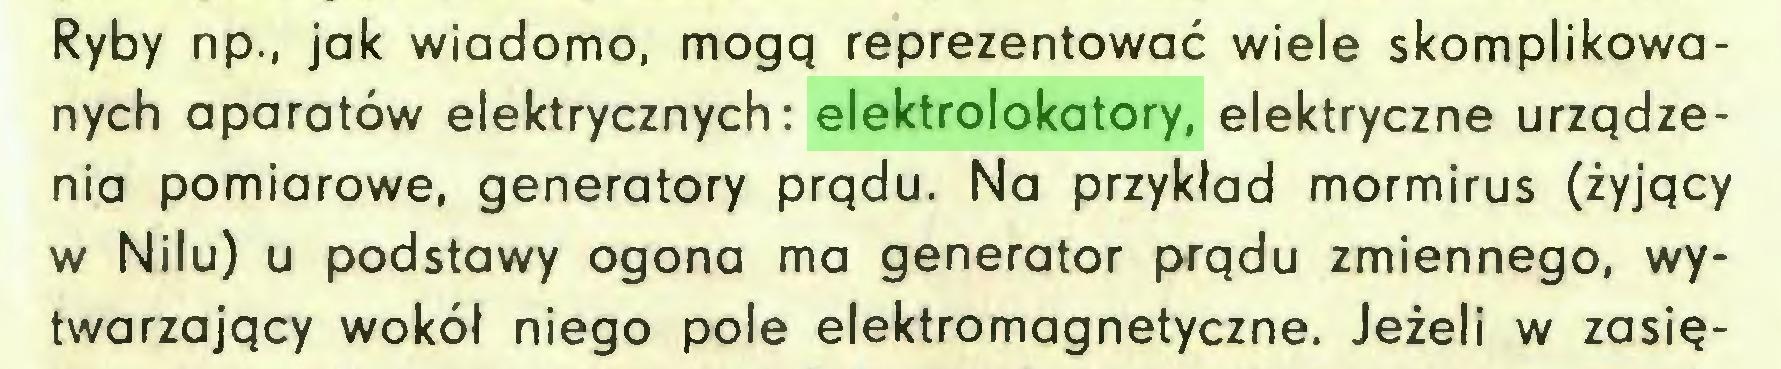 (...) Ryby np., jak wiadomo, mogą reprezentować wiele skomplikowanych aparatów elektrycznych: elektrolokatory, elektryczne urządzenia pomiarowe, generatory prądu. Na przykład mormirus (żyjący w Nilu) u podstawy ogona ma generator prądu zmiennego, wytwarzający wokół niego pole elektromagnetyczne. Jeżeli w zasię...